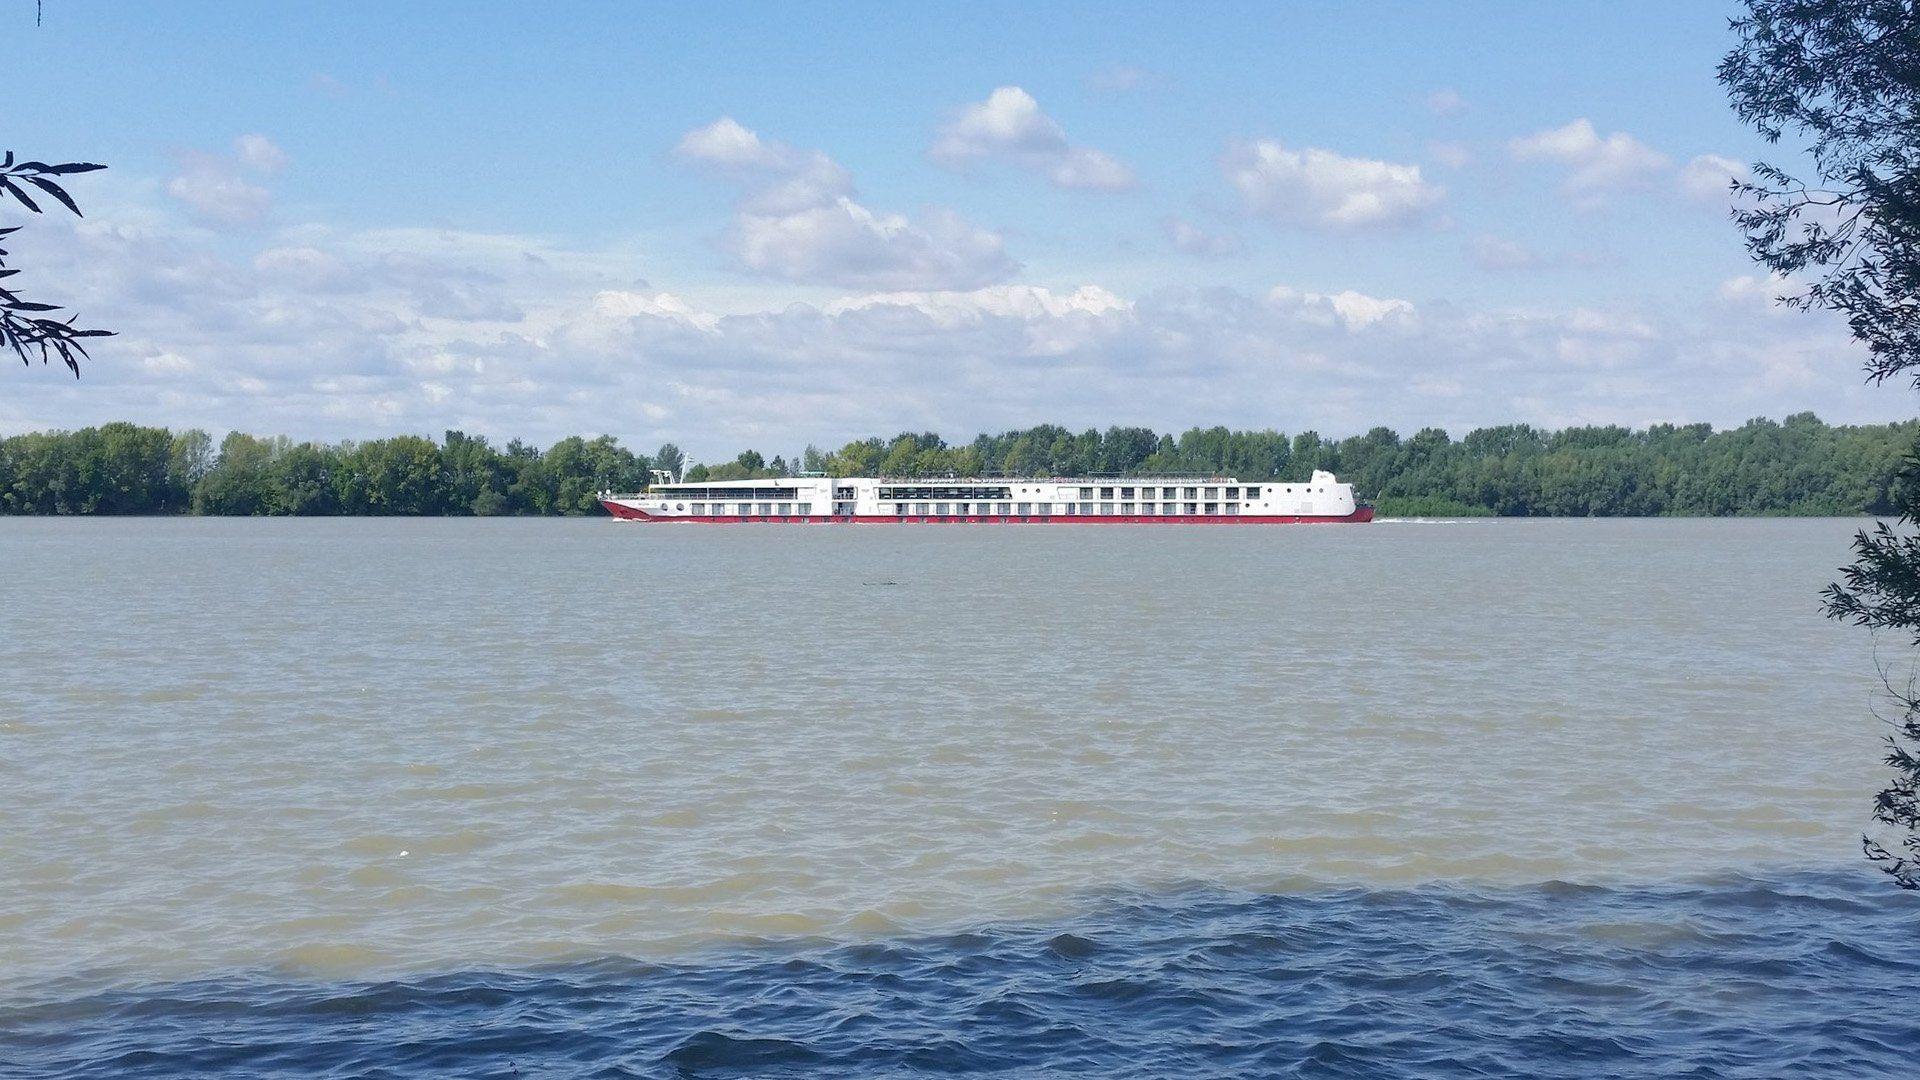 A hajóforgalom nagyban befolyásolja az etetések ütemét, a nagy hullámok gyorsan átmozgatják a sekélyebb területeket